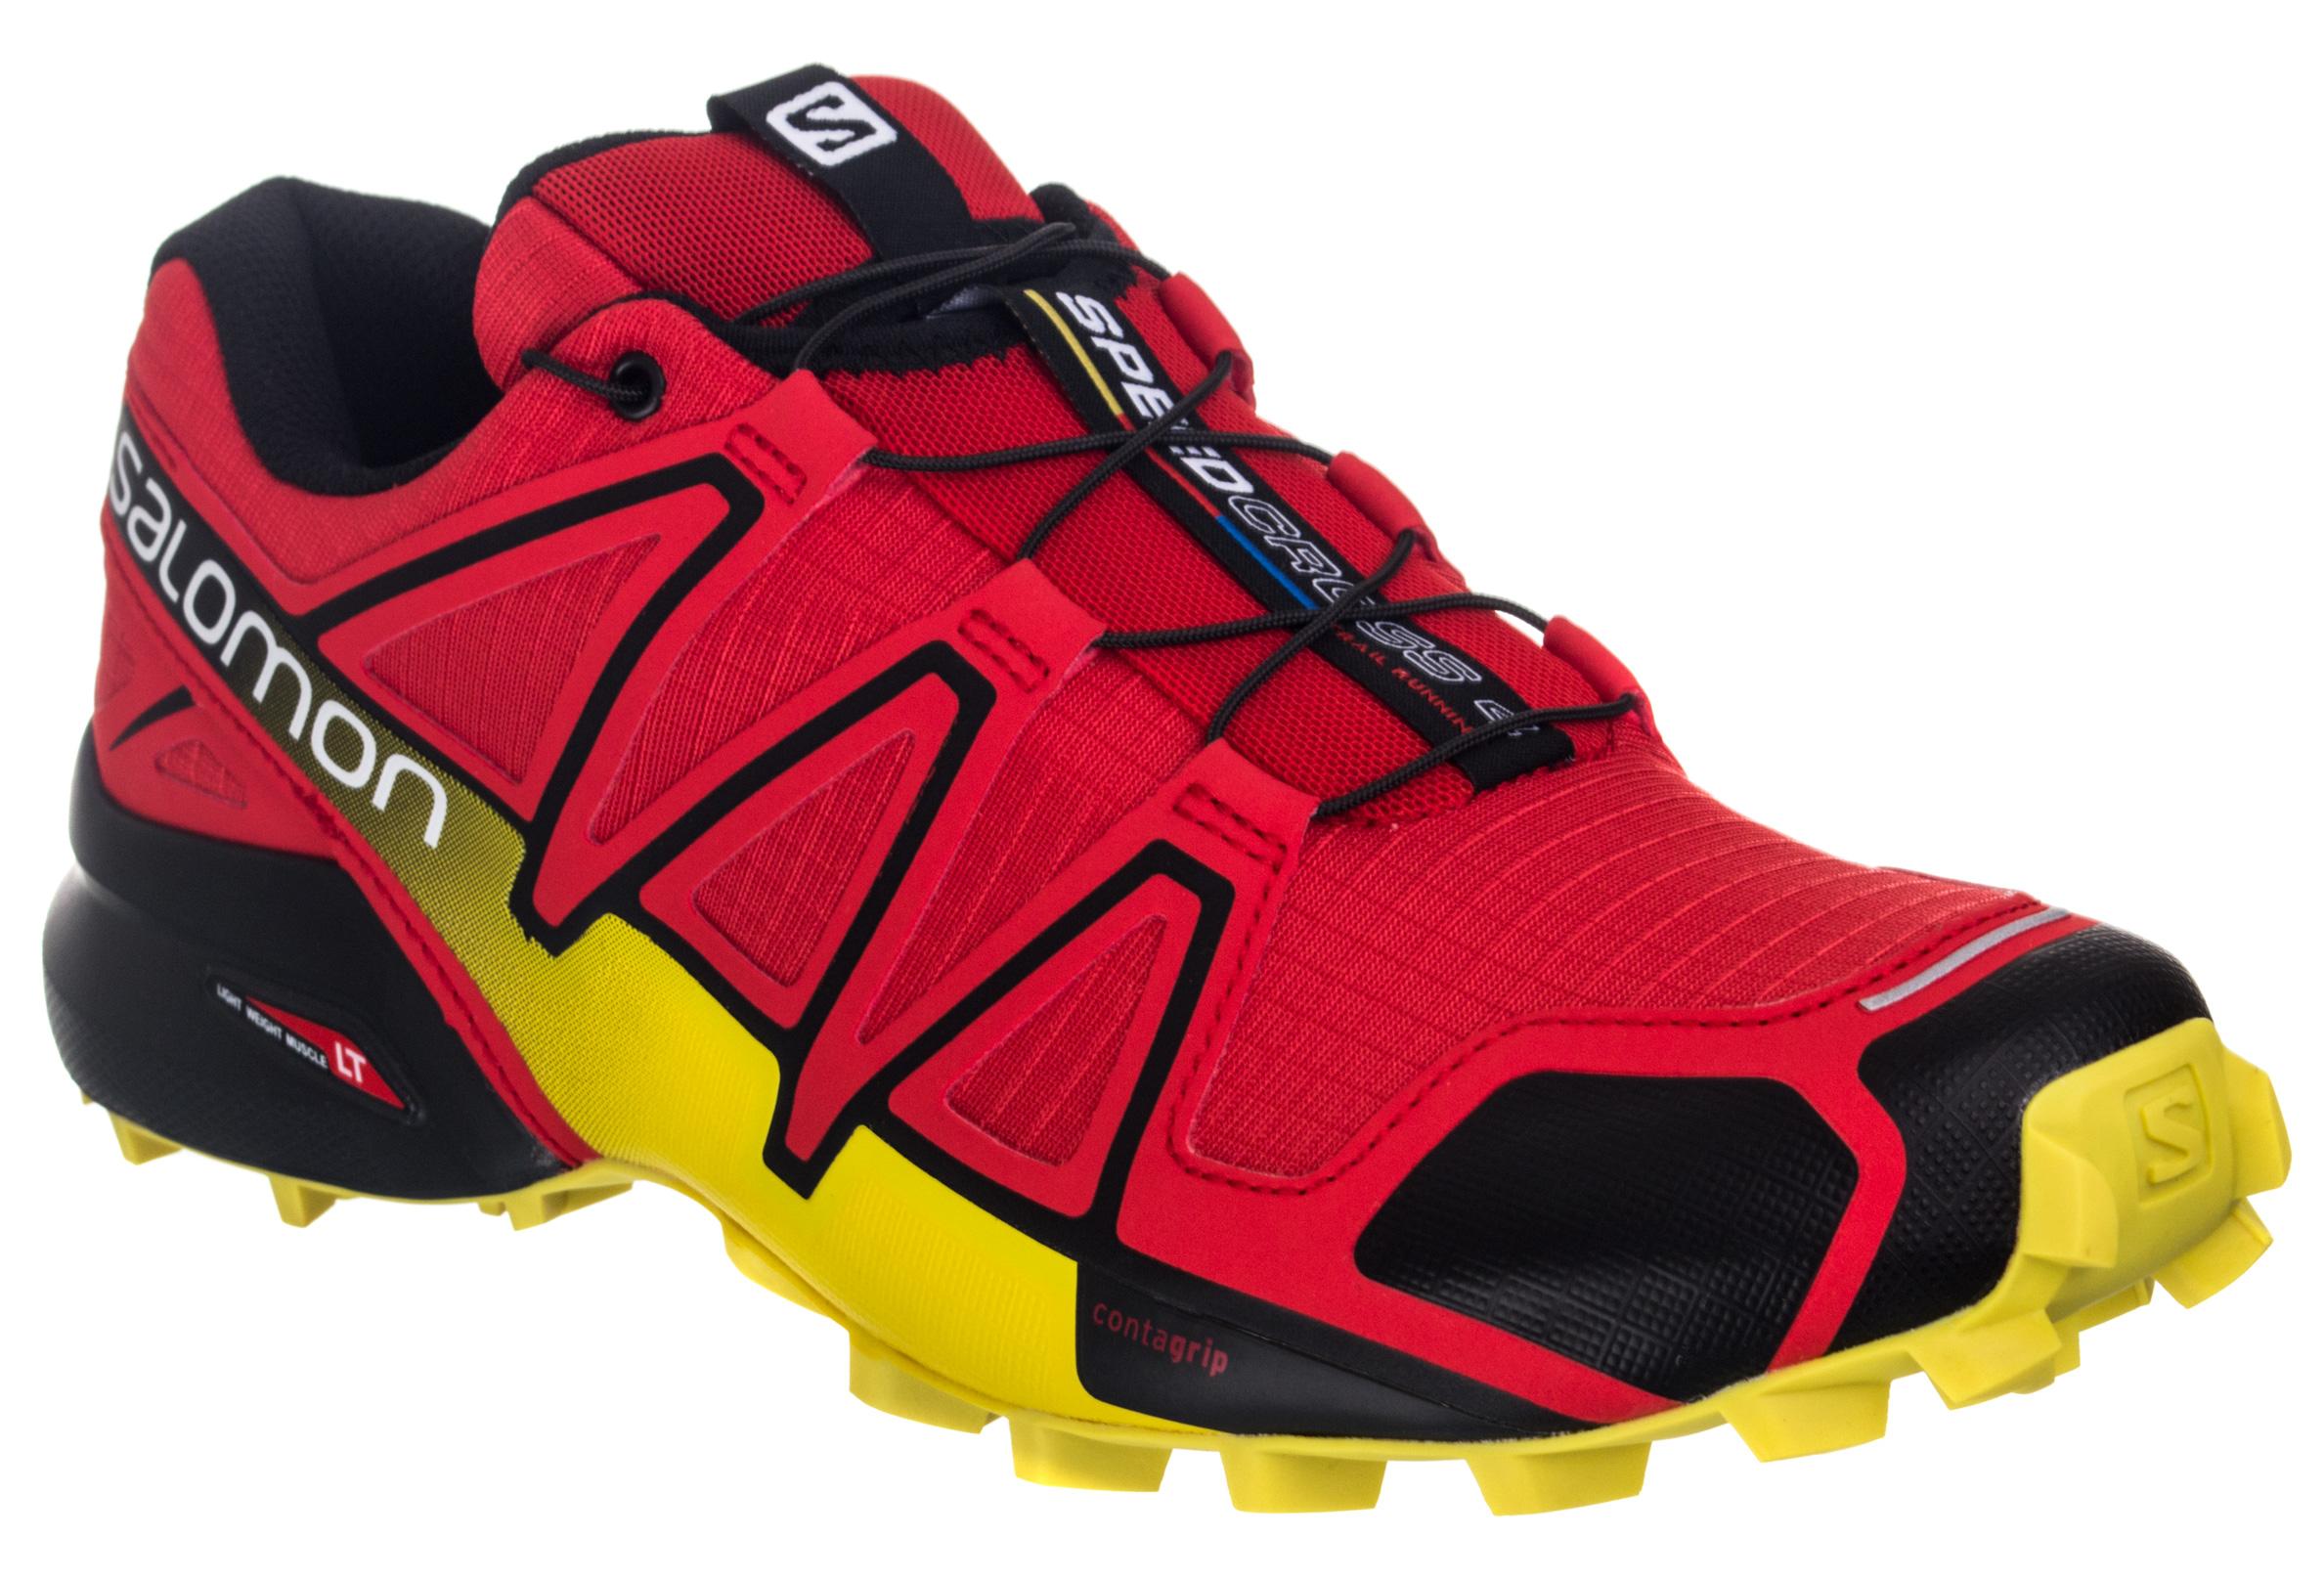 caa00f80bd919 Zapatillas Salomon SPEEDCROSS 4 para Hombre Rojo   Amarillo